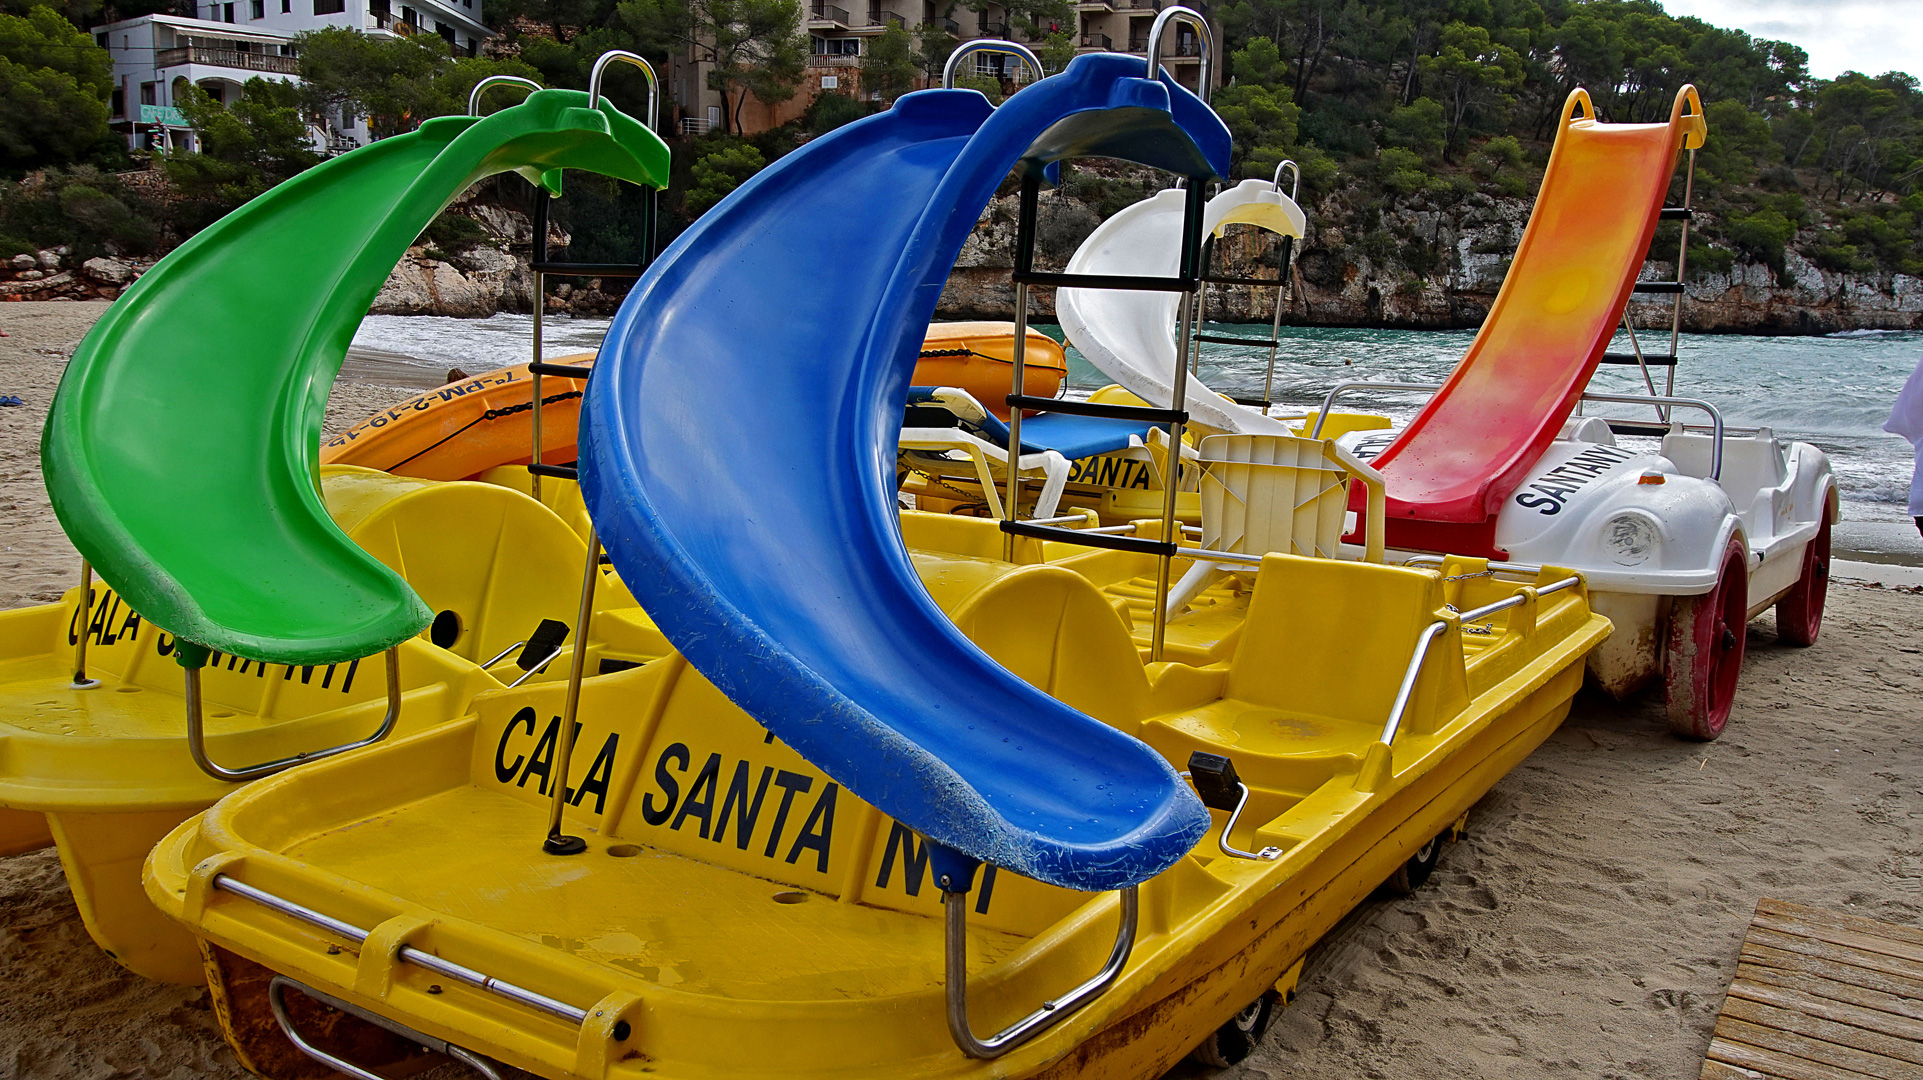 Tretboote in der Cala Santanyi im Süden von Mallorca.